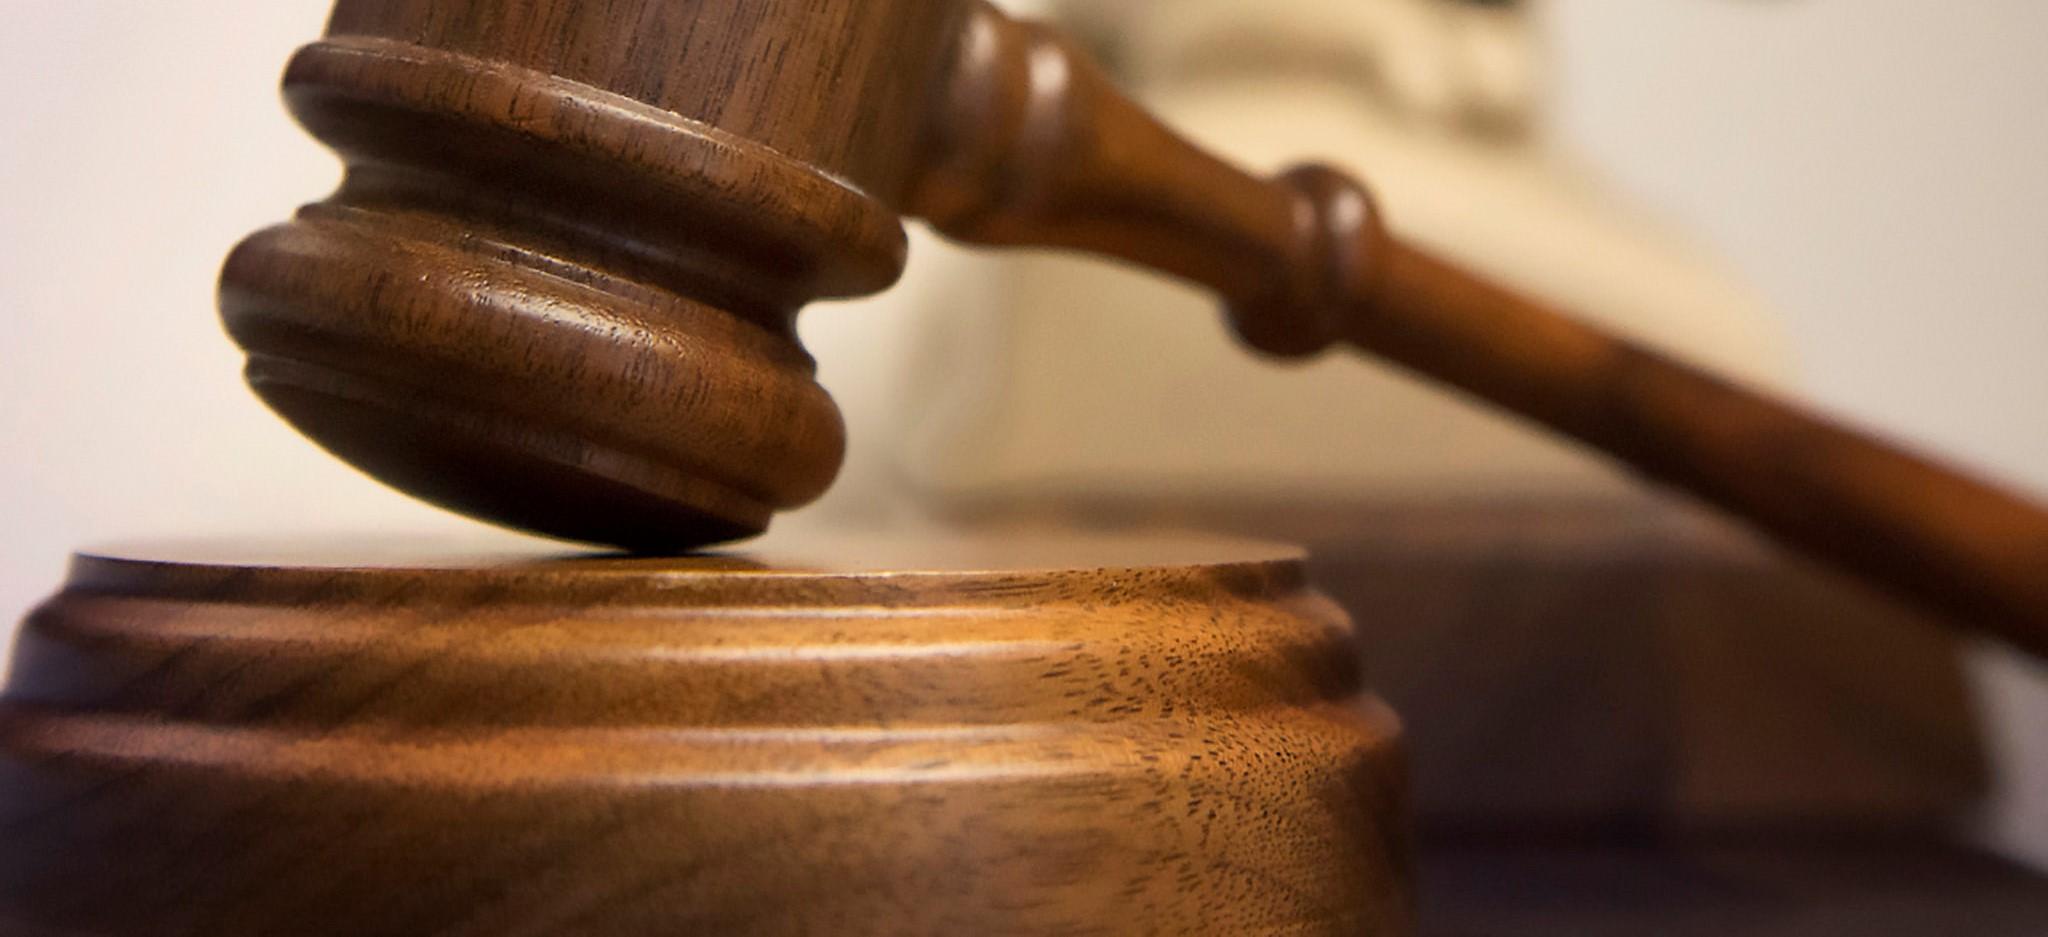 2017 Amendment to Federal Rule of Civil Procedure 4(m)